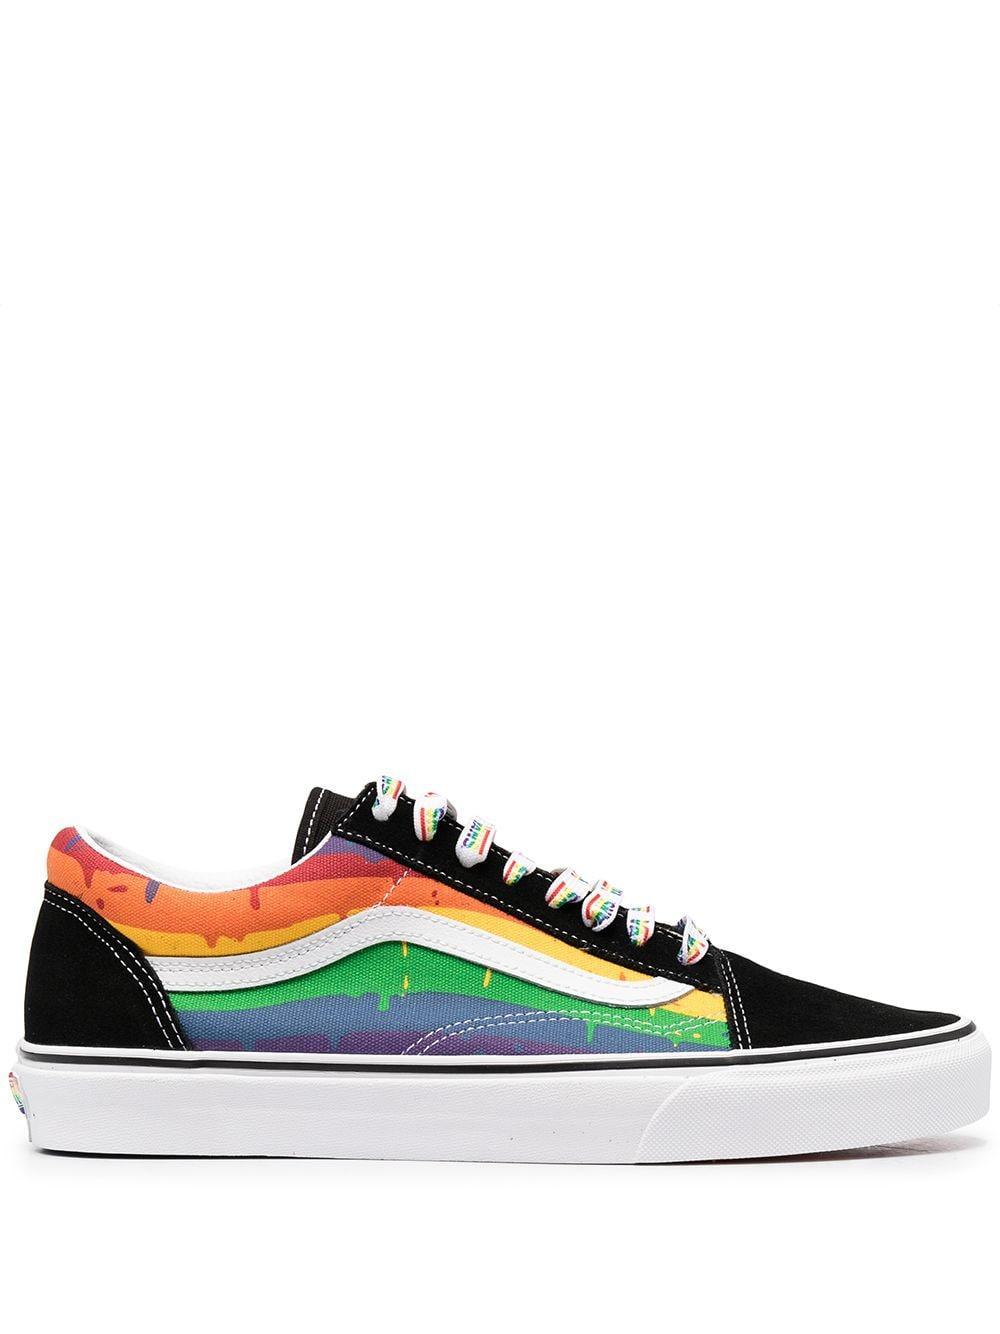 Vans Rainbow Drip Old Skool Shoes in Black - Lyst